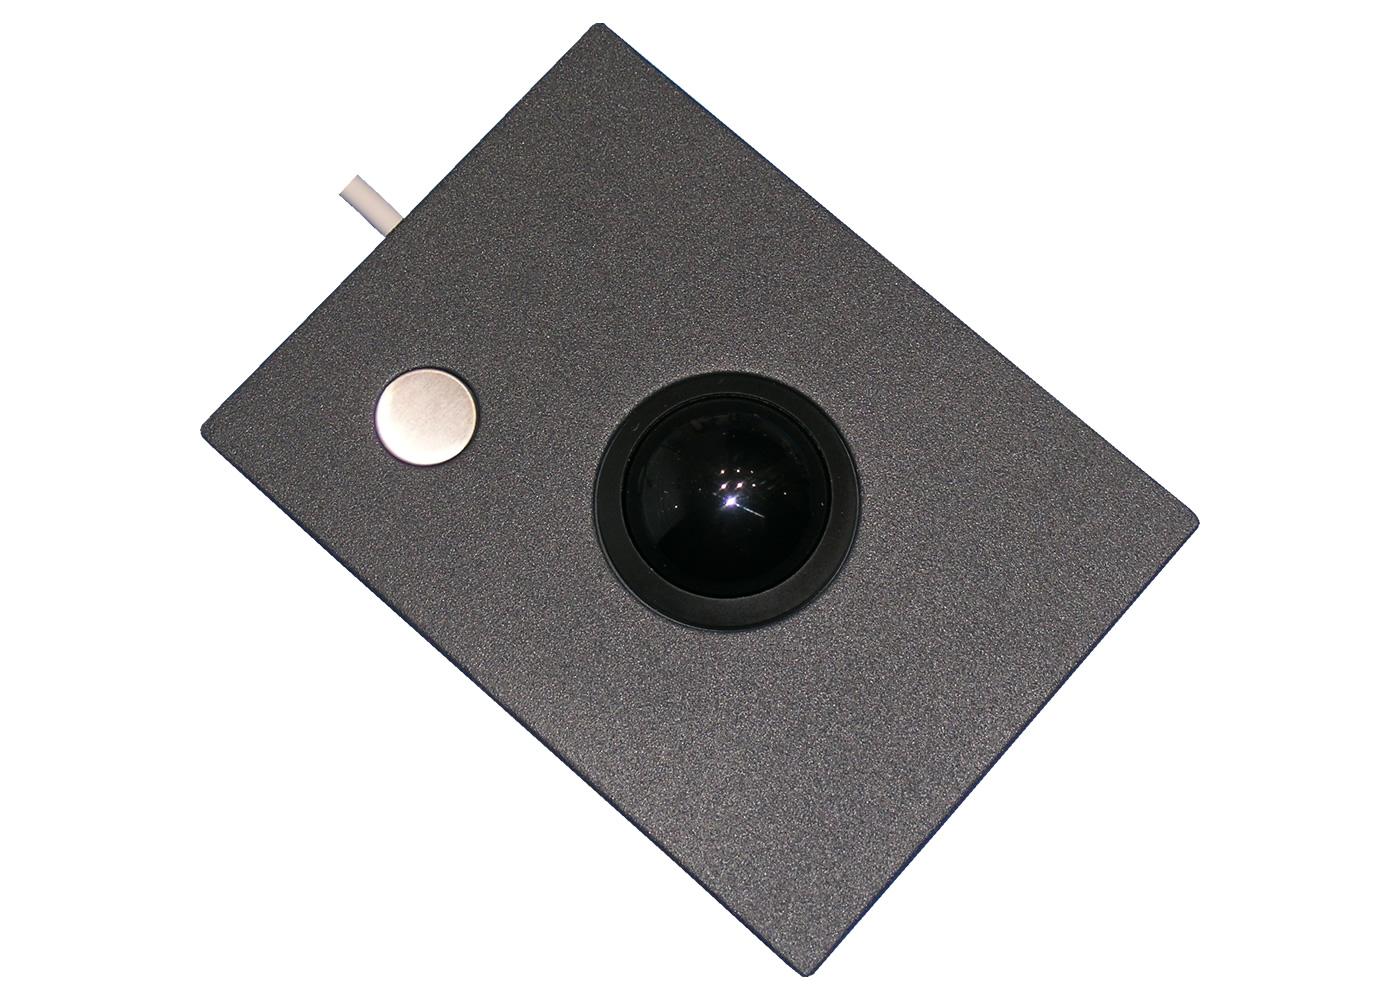 Trackball 38mm industrielle 1 bouton intégrable en panneau par l'avant